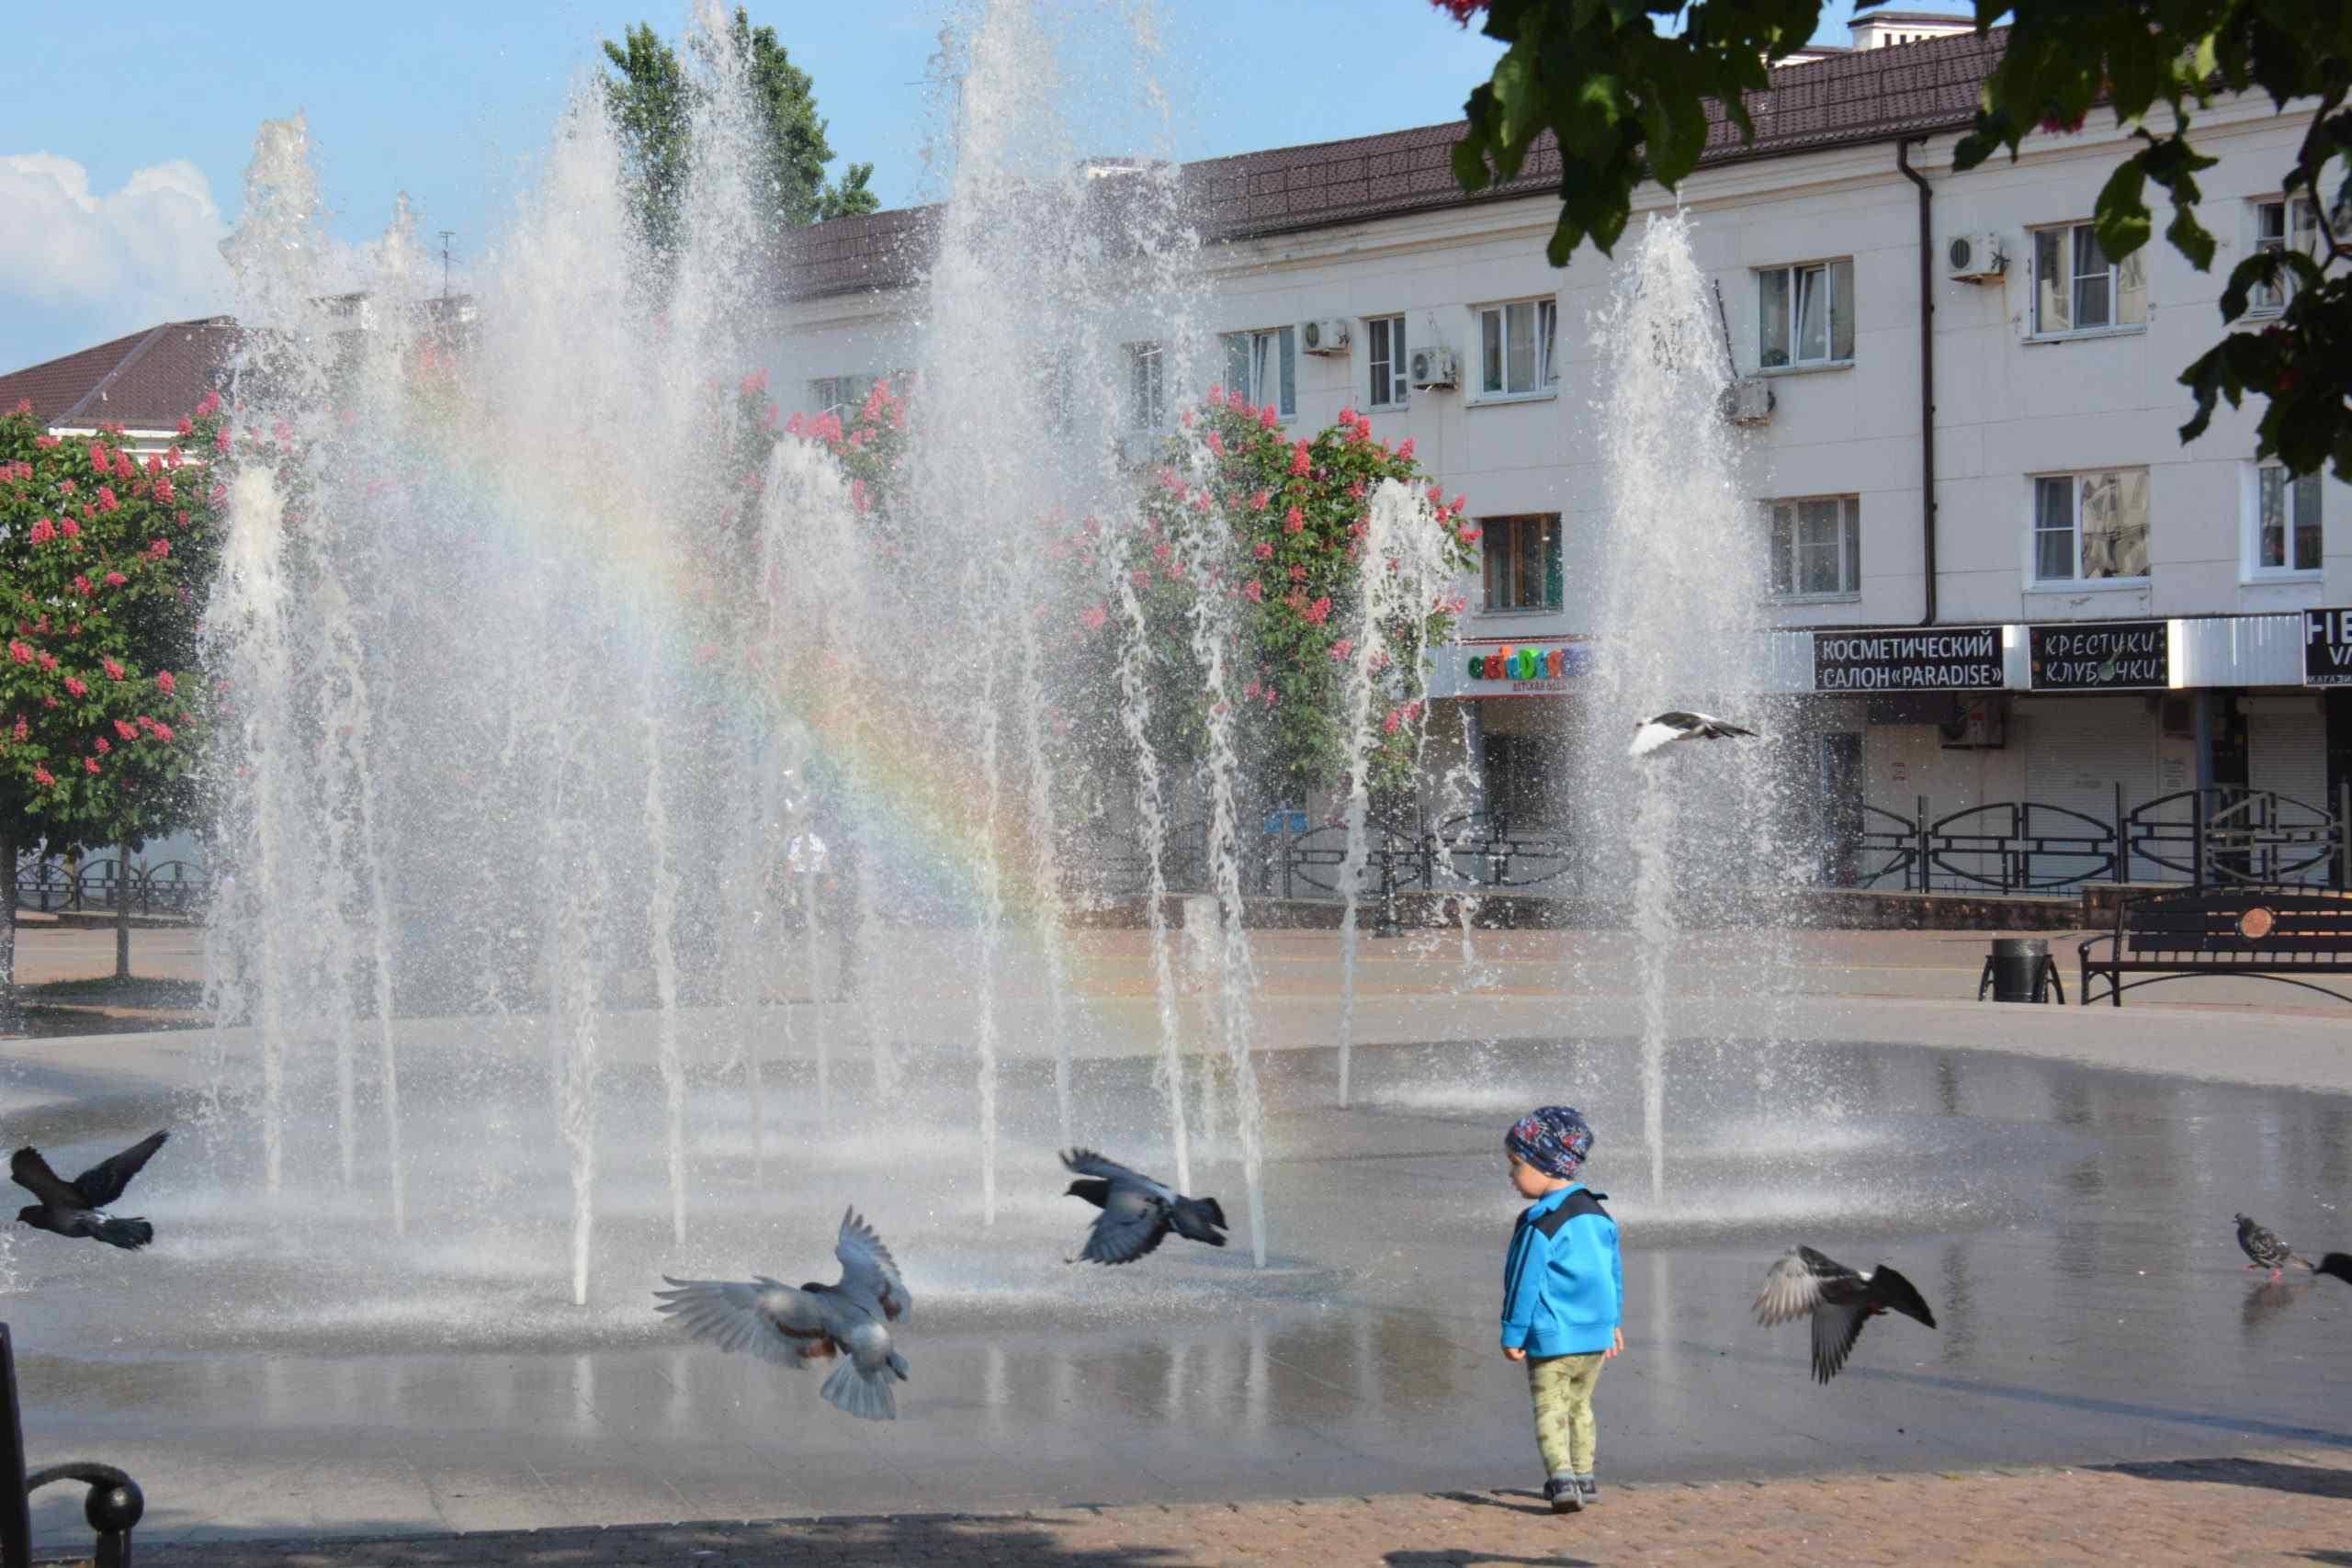 В Новороссийске заработают фонтаны! А в море фонтан будет?